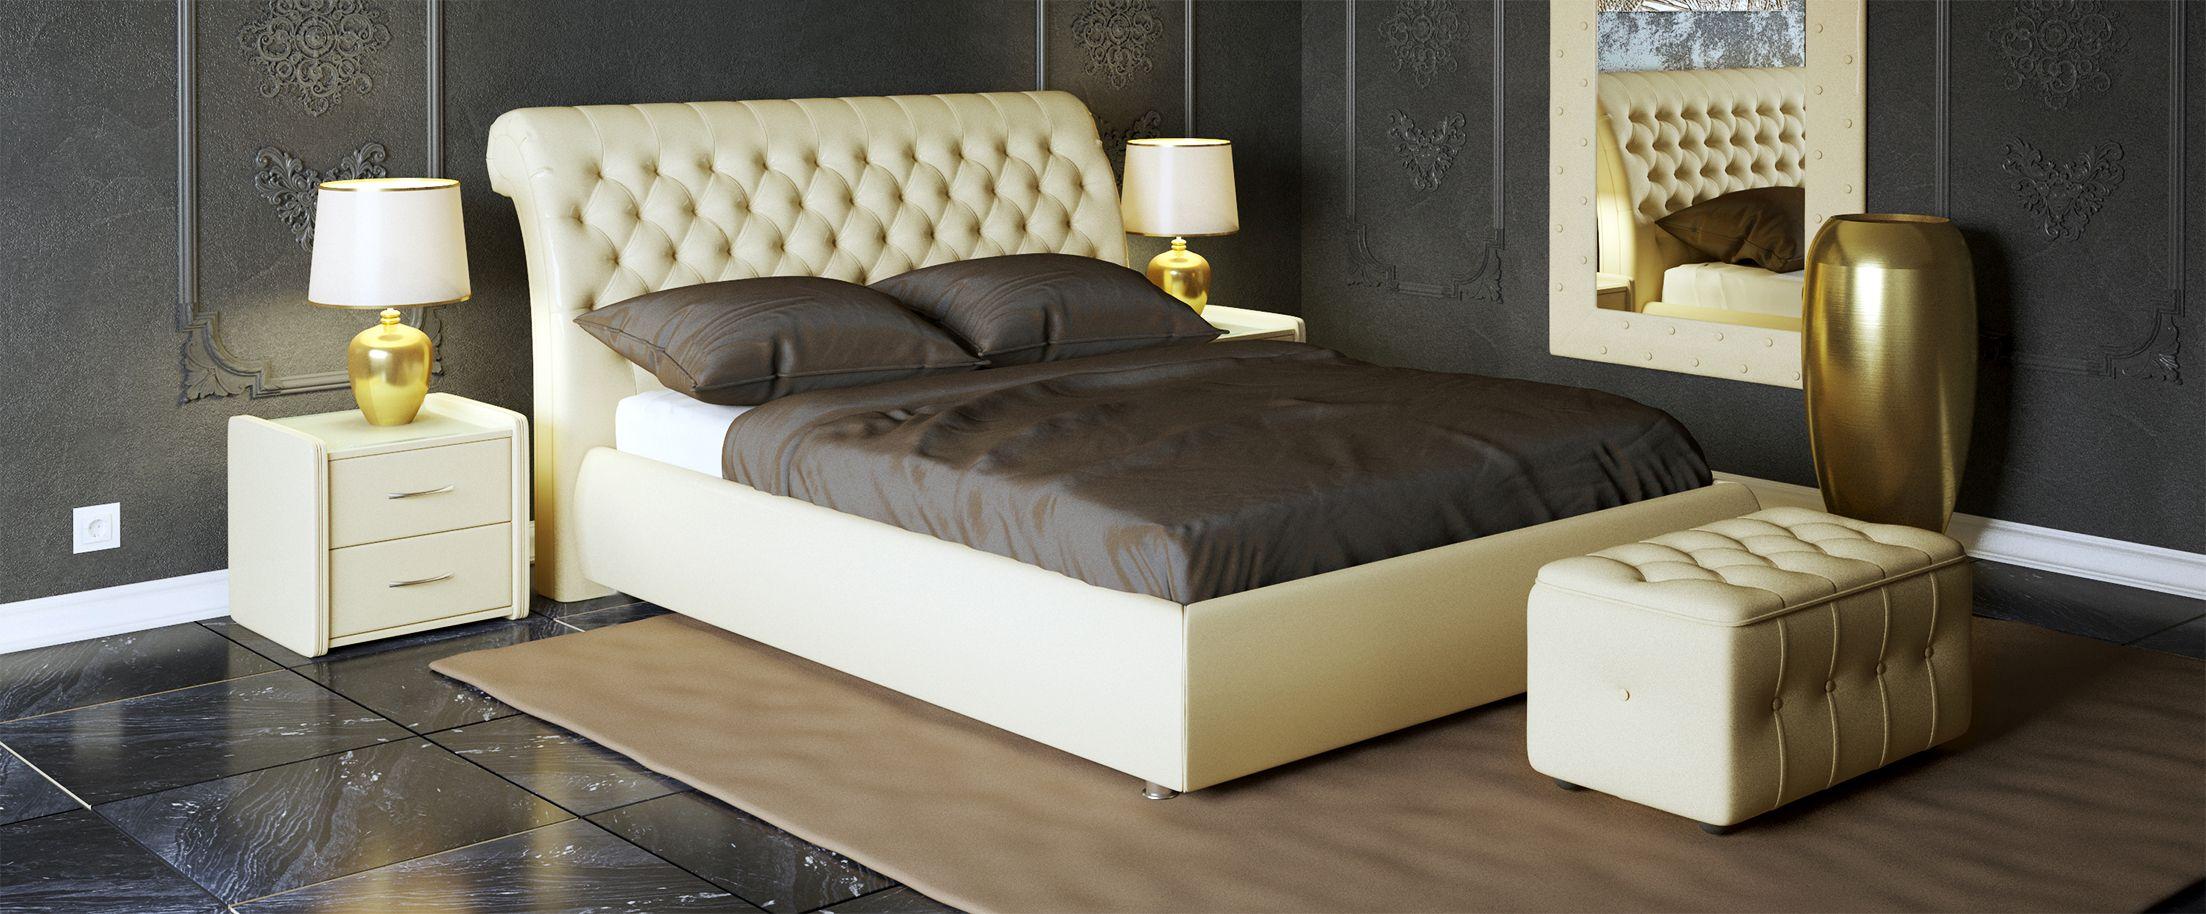 Кровать двуспальная Эрмитаж Модель 587Кровать «Эрмитаж» полностью соответствует своему названию, позволяя, как любоваться собой, являясь центром интерьера спальни, так и даруя удобства и ощущения прикосновения к прекрасному.<br><br>Ширина см: 185<br>Глубина см: 242<br>Высота см: 113<br>Ширина спального места см: 160<br>Длина спального места см: 200<br>Встроенное основание: Есть<br>Материал каркаса: ДСП<br>Материал обивки: Экокожа<br>Подъемный механизм: Нет<br>Цвет: Бежевый<br>Код ткани: Суфле<br>Бренд: Другие